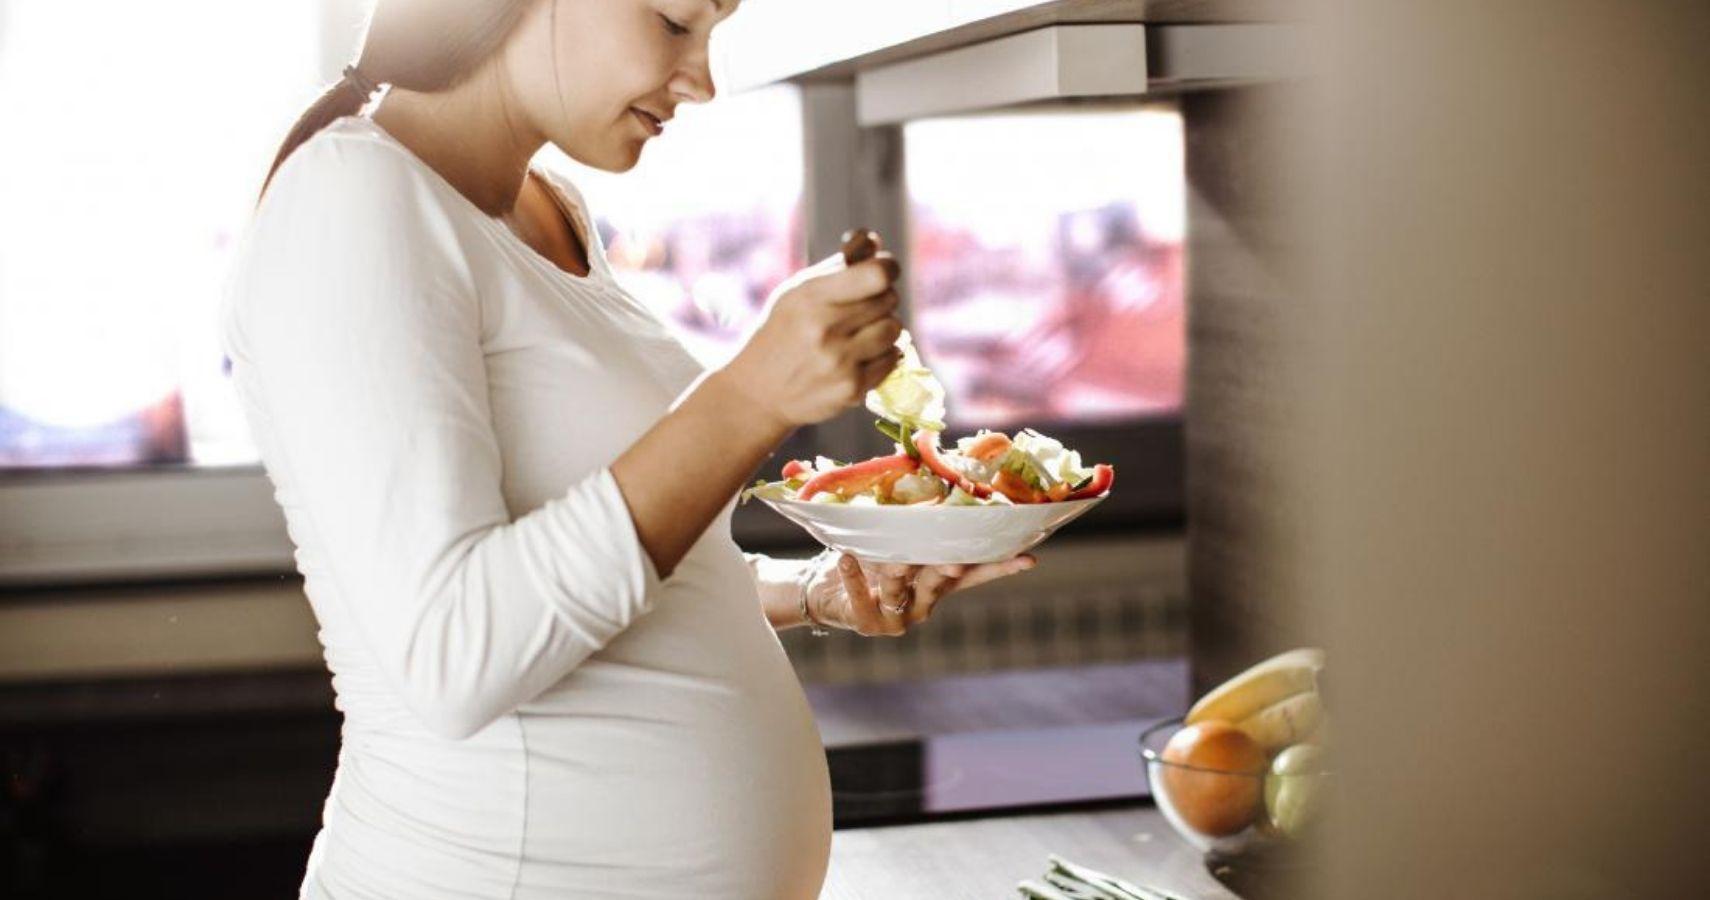 تأكد من أن جسمك لديه وقود للتدريبات الخاصة بك و الأكل قبل التمرين